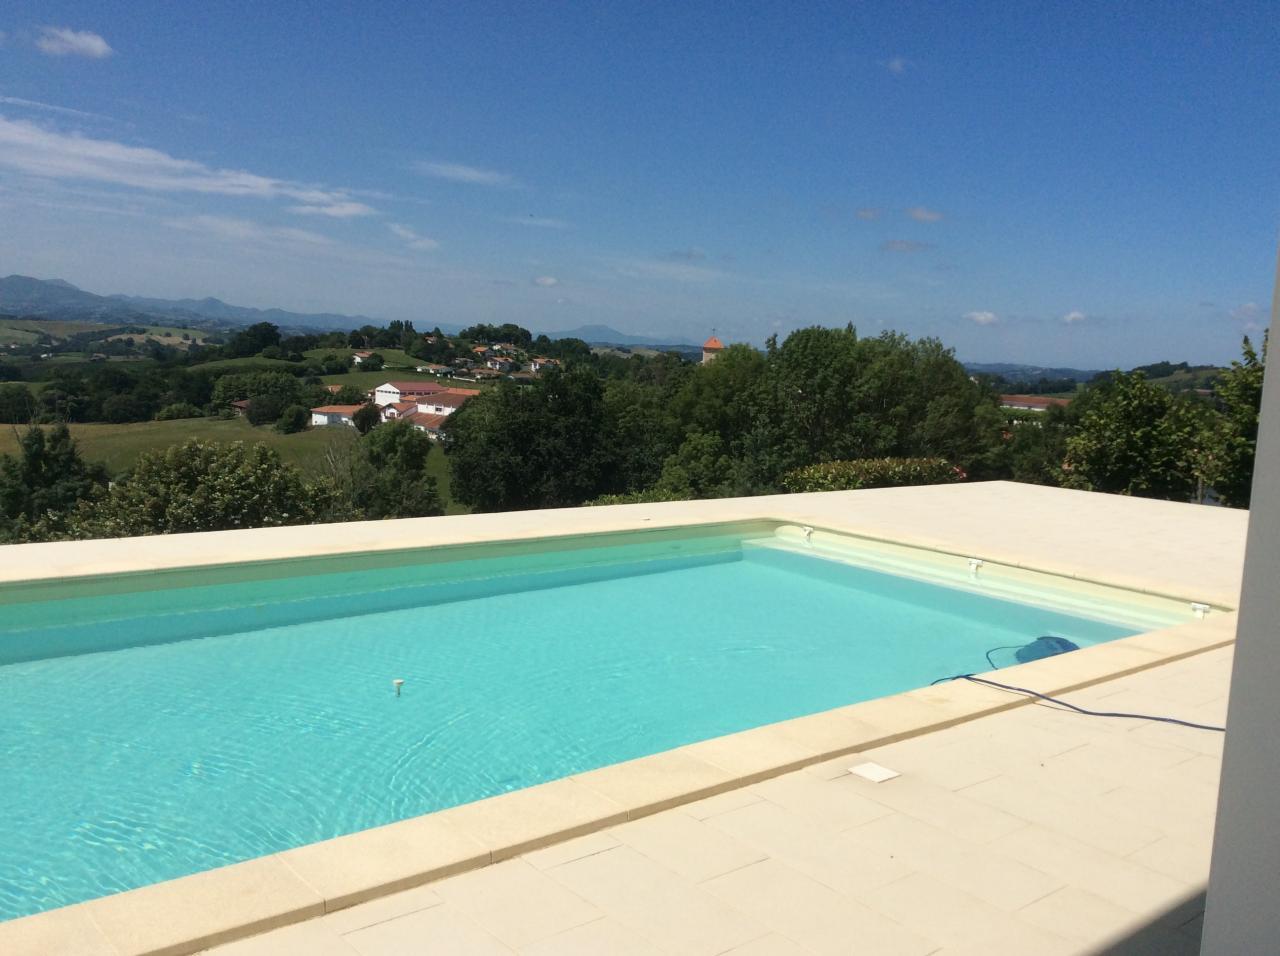 G te au c ur du pays basque avec piscine chauff e vue for Piscine chauffee